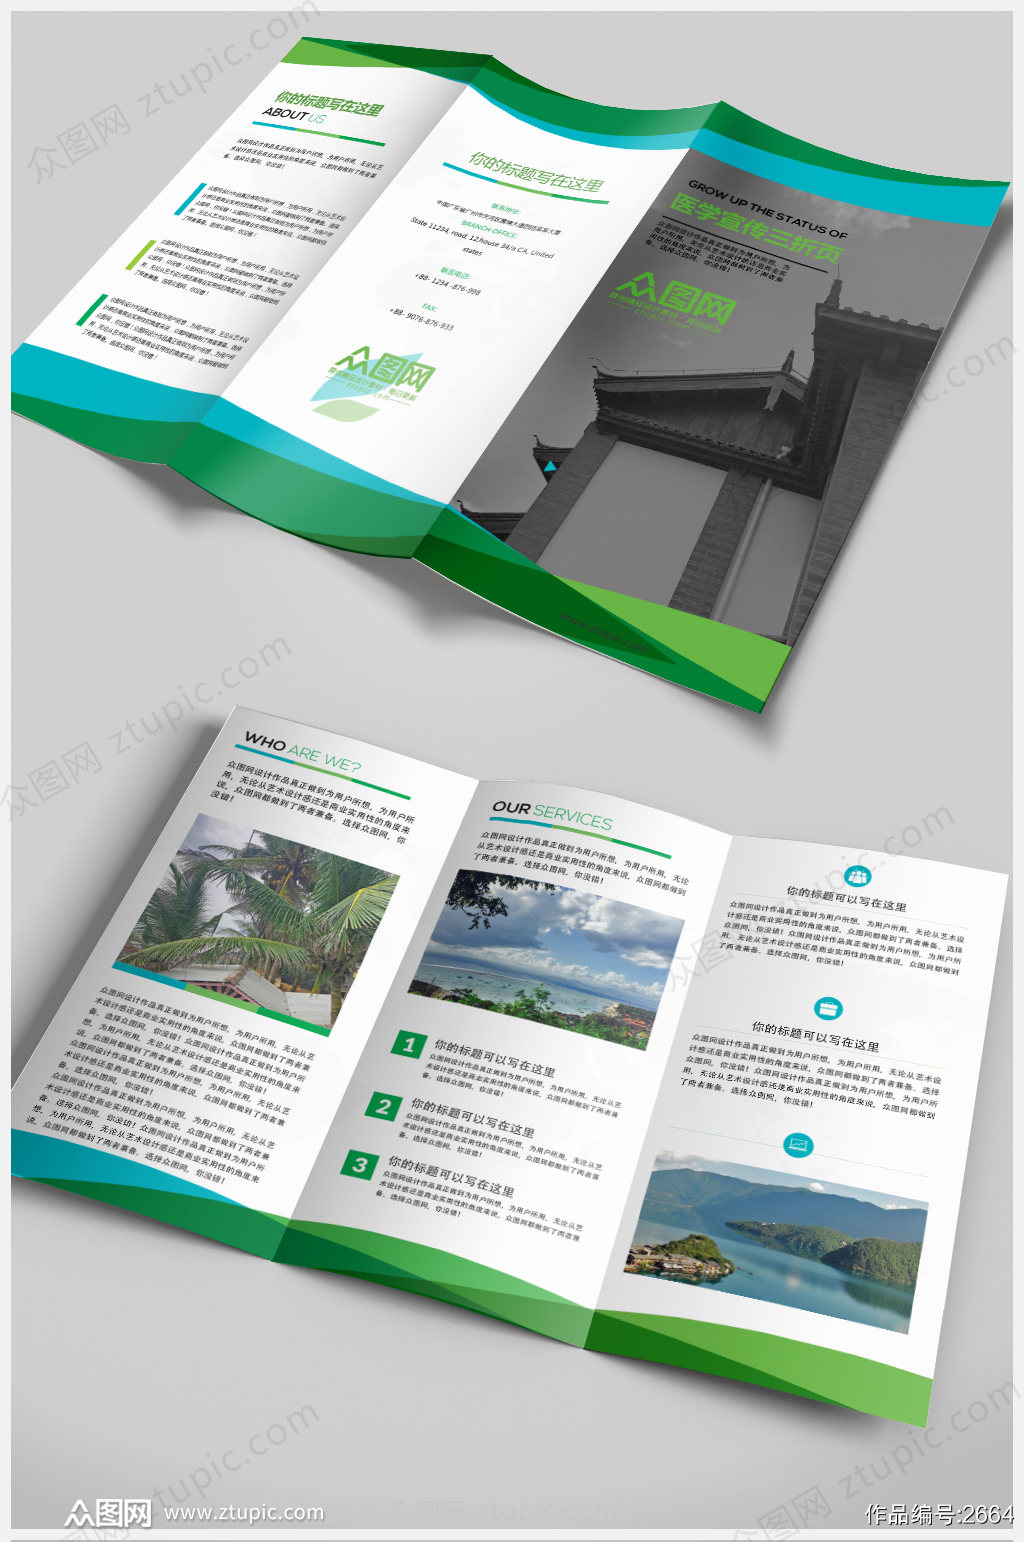 简约绿色蓝色医学三折页设计素材